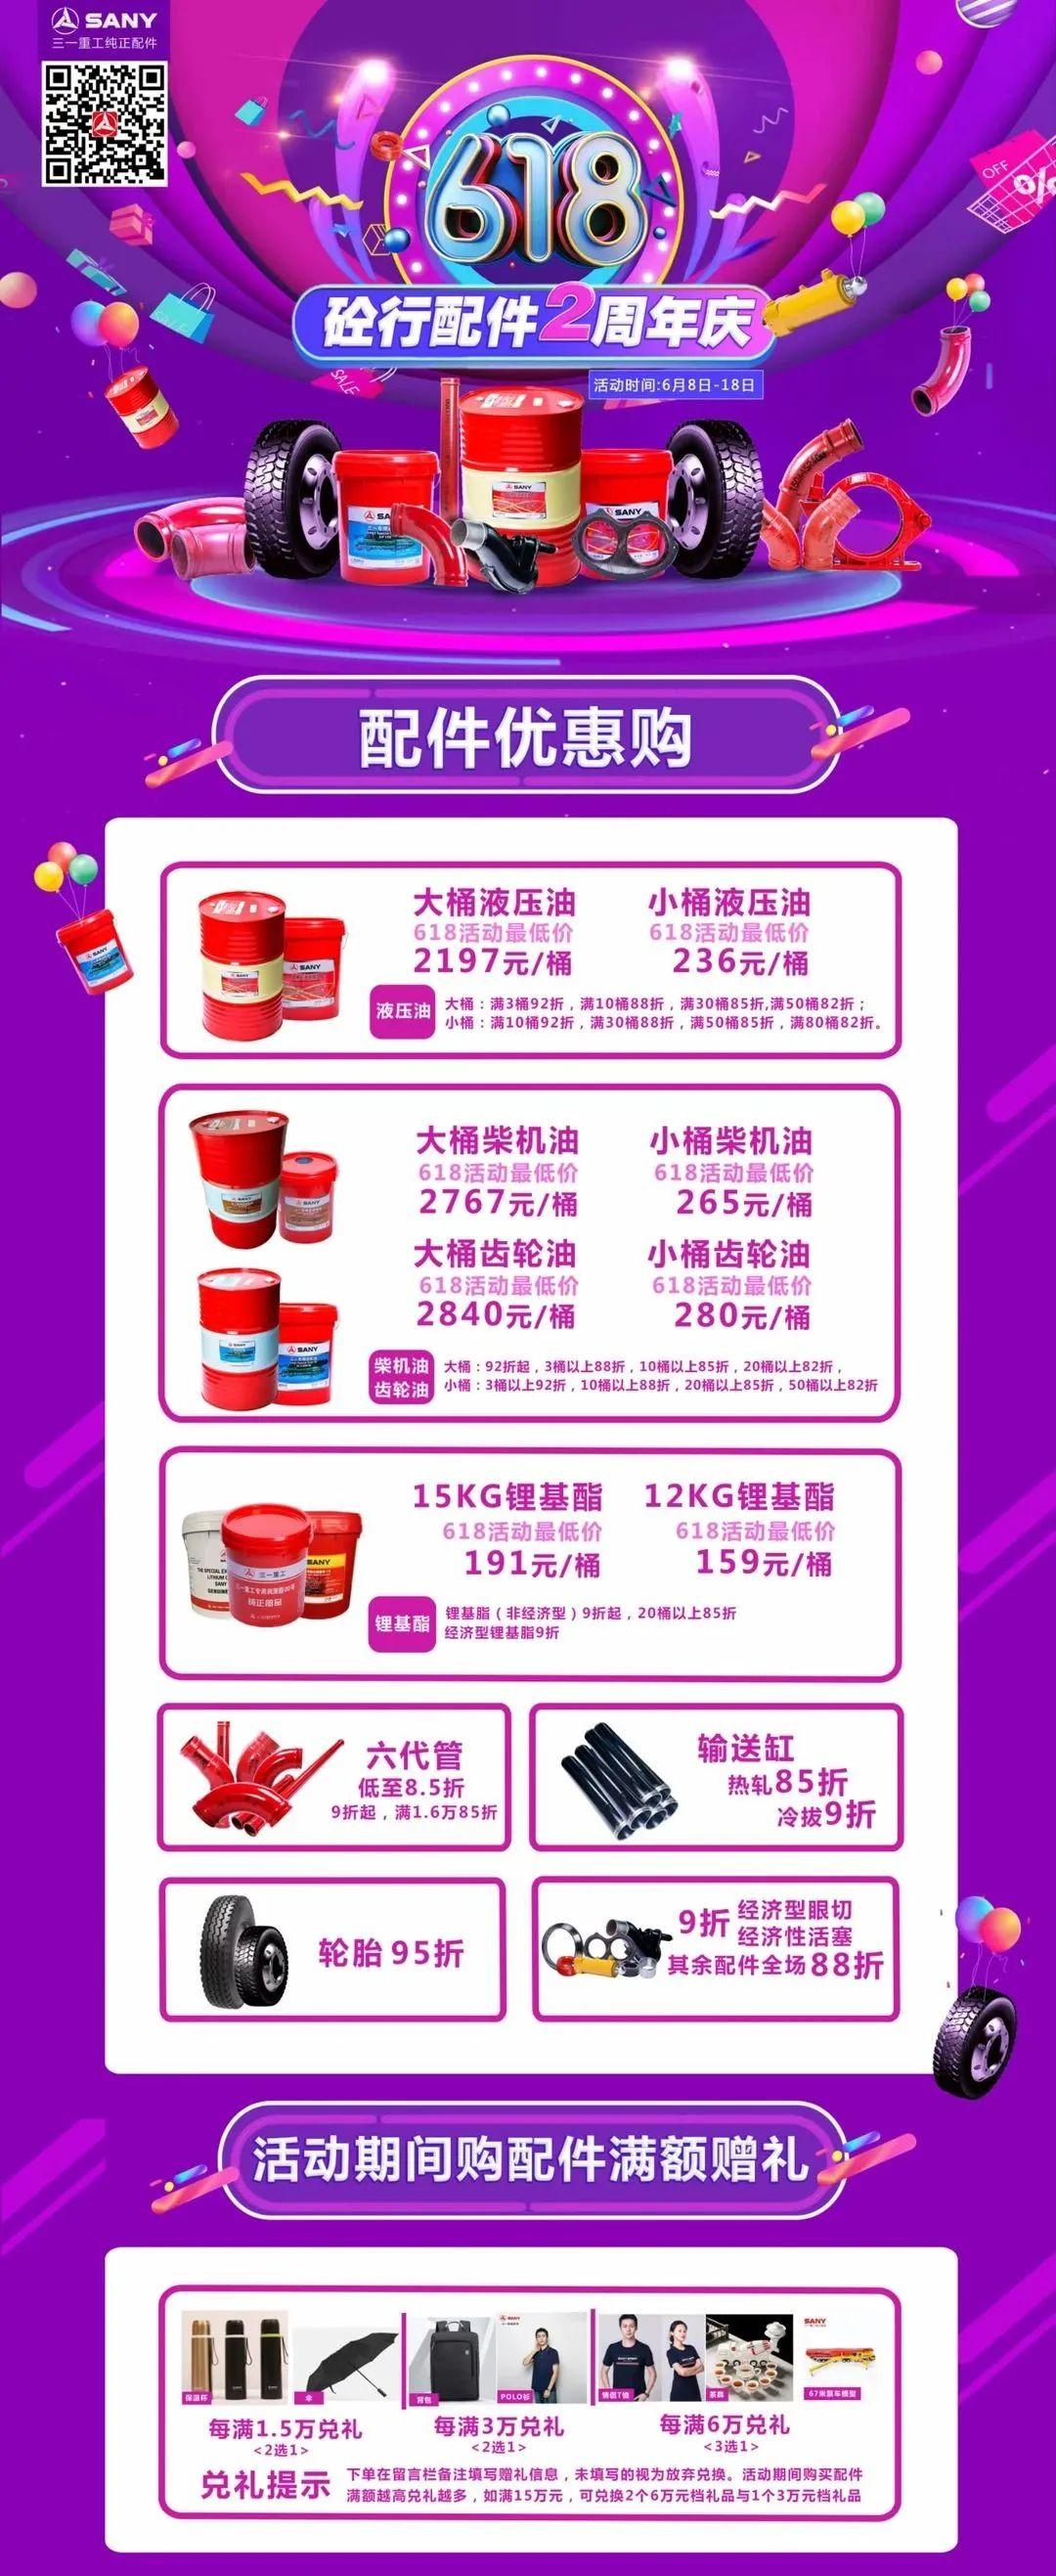 618直播|砼行配件商城2周年庆,配件嗨购进行时!